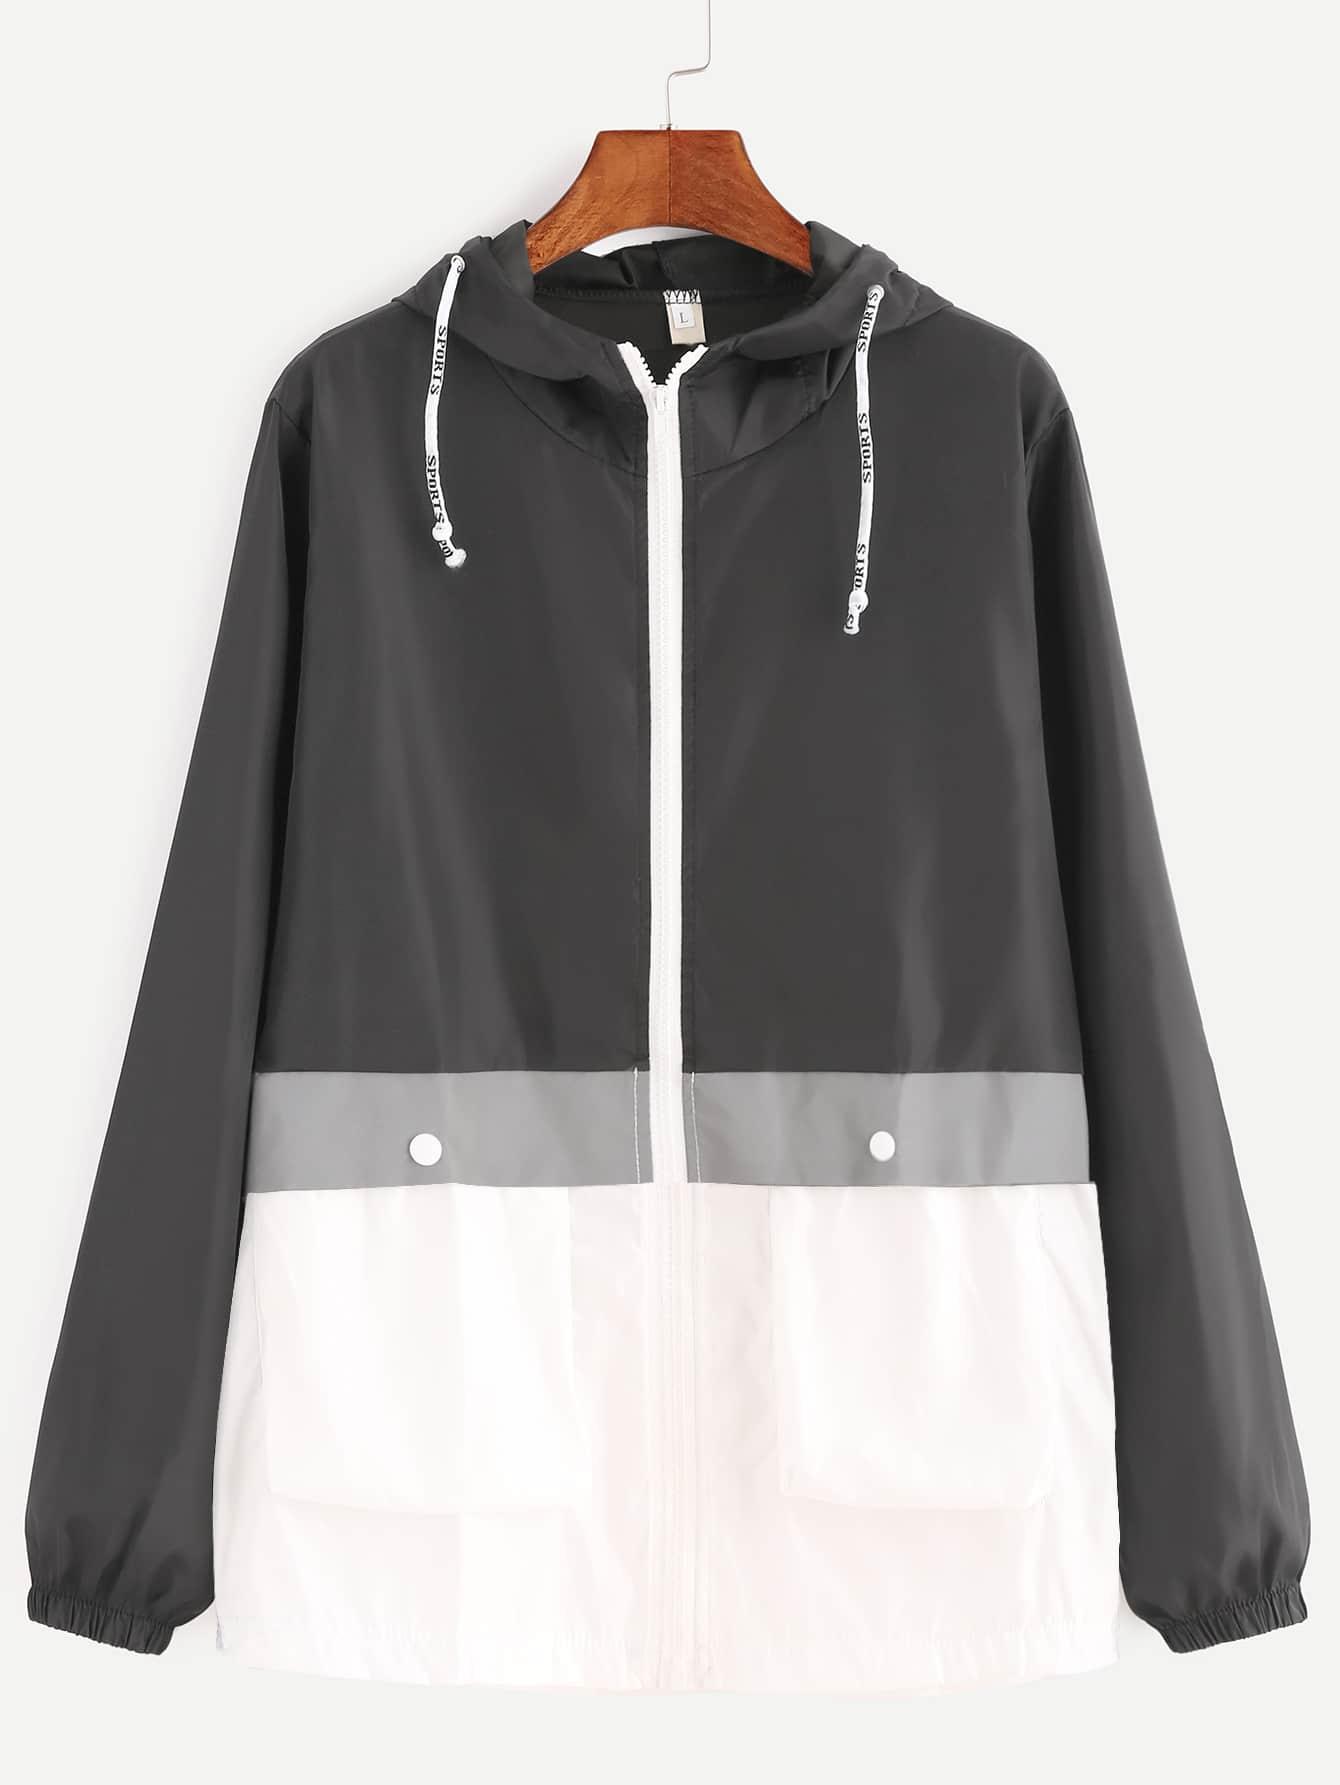 Контрастными Завязками С Капюшоном Zip Вверх Пальто